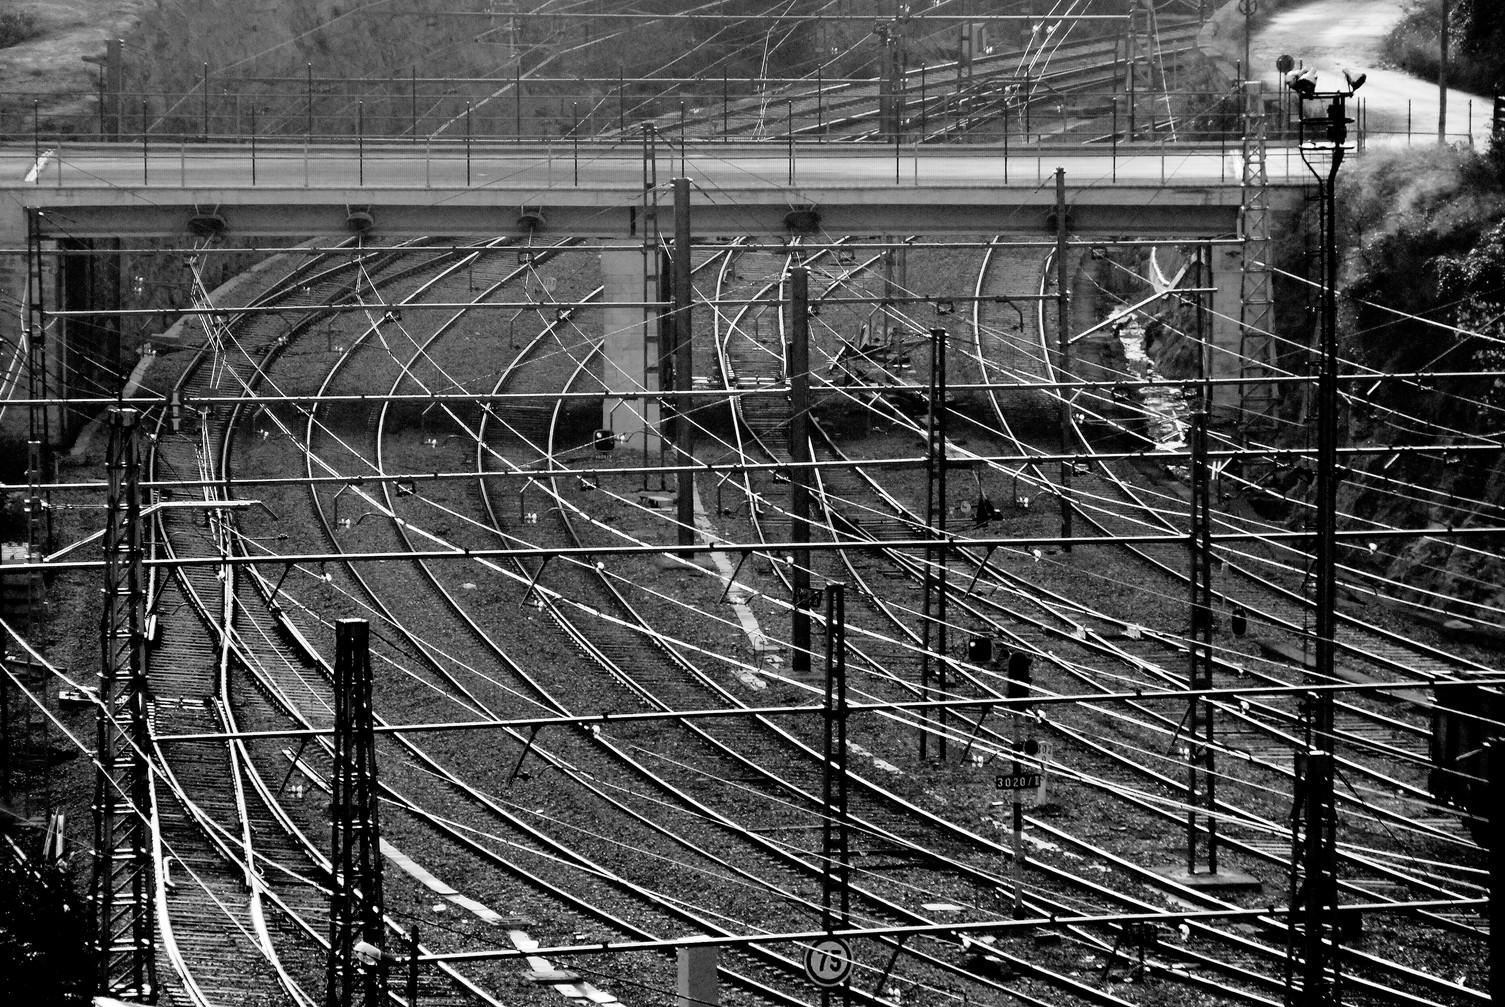 Train tracks jam at Manresa (Spain)